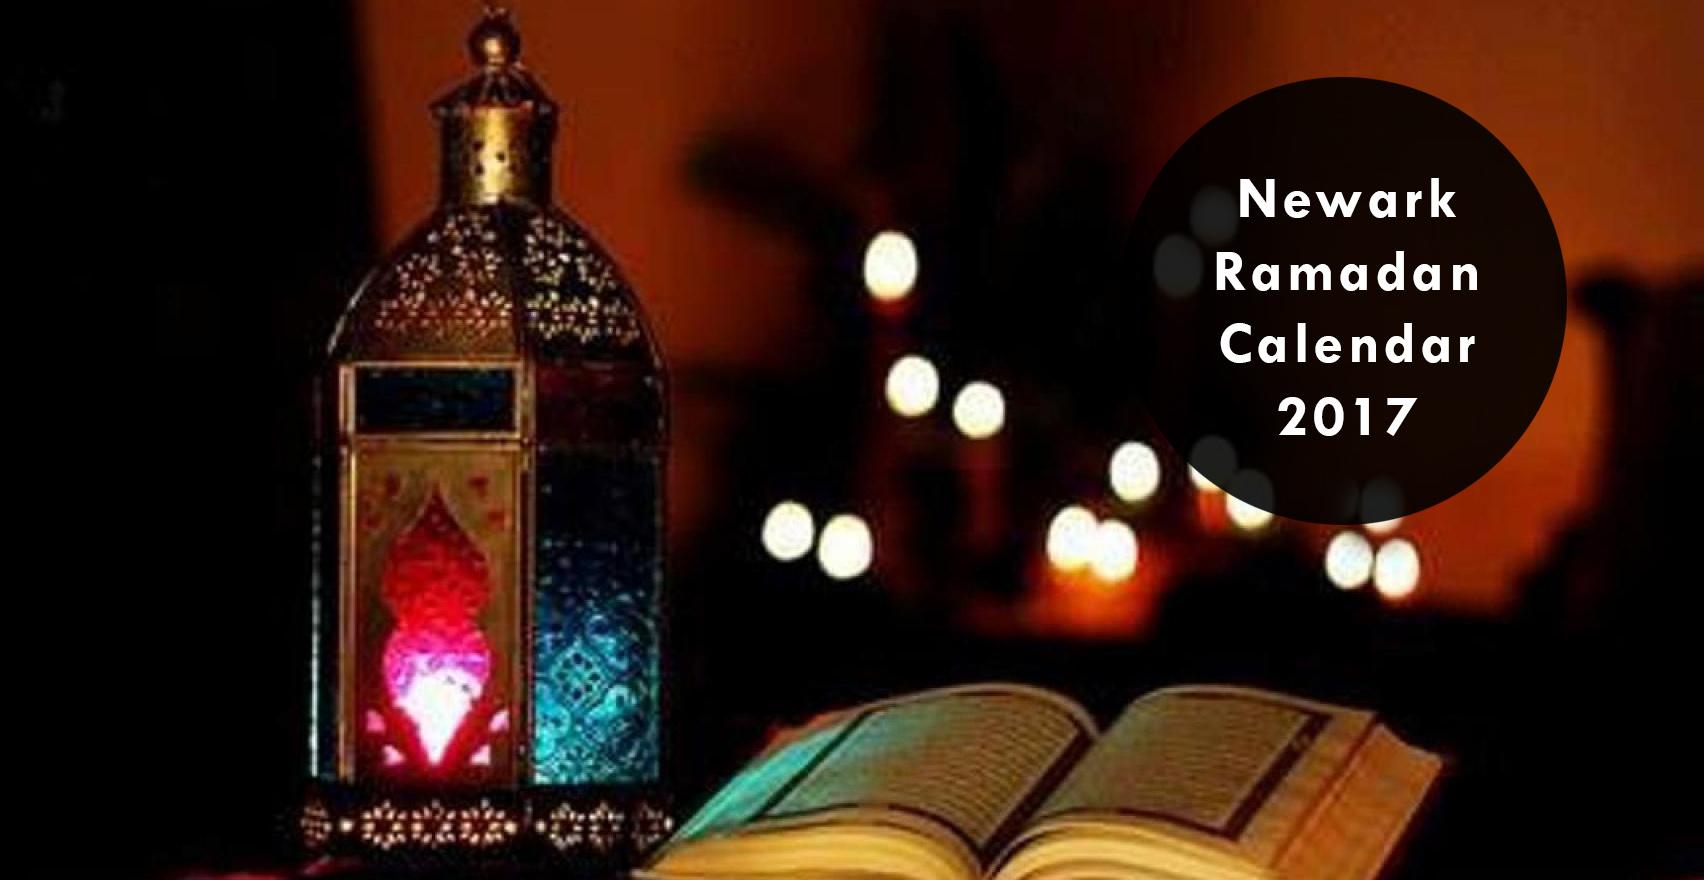 newark ramadan calendar 2018